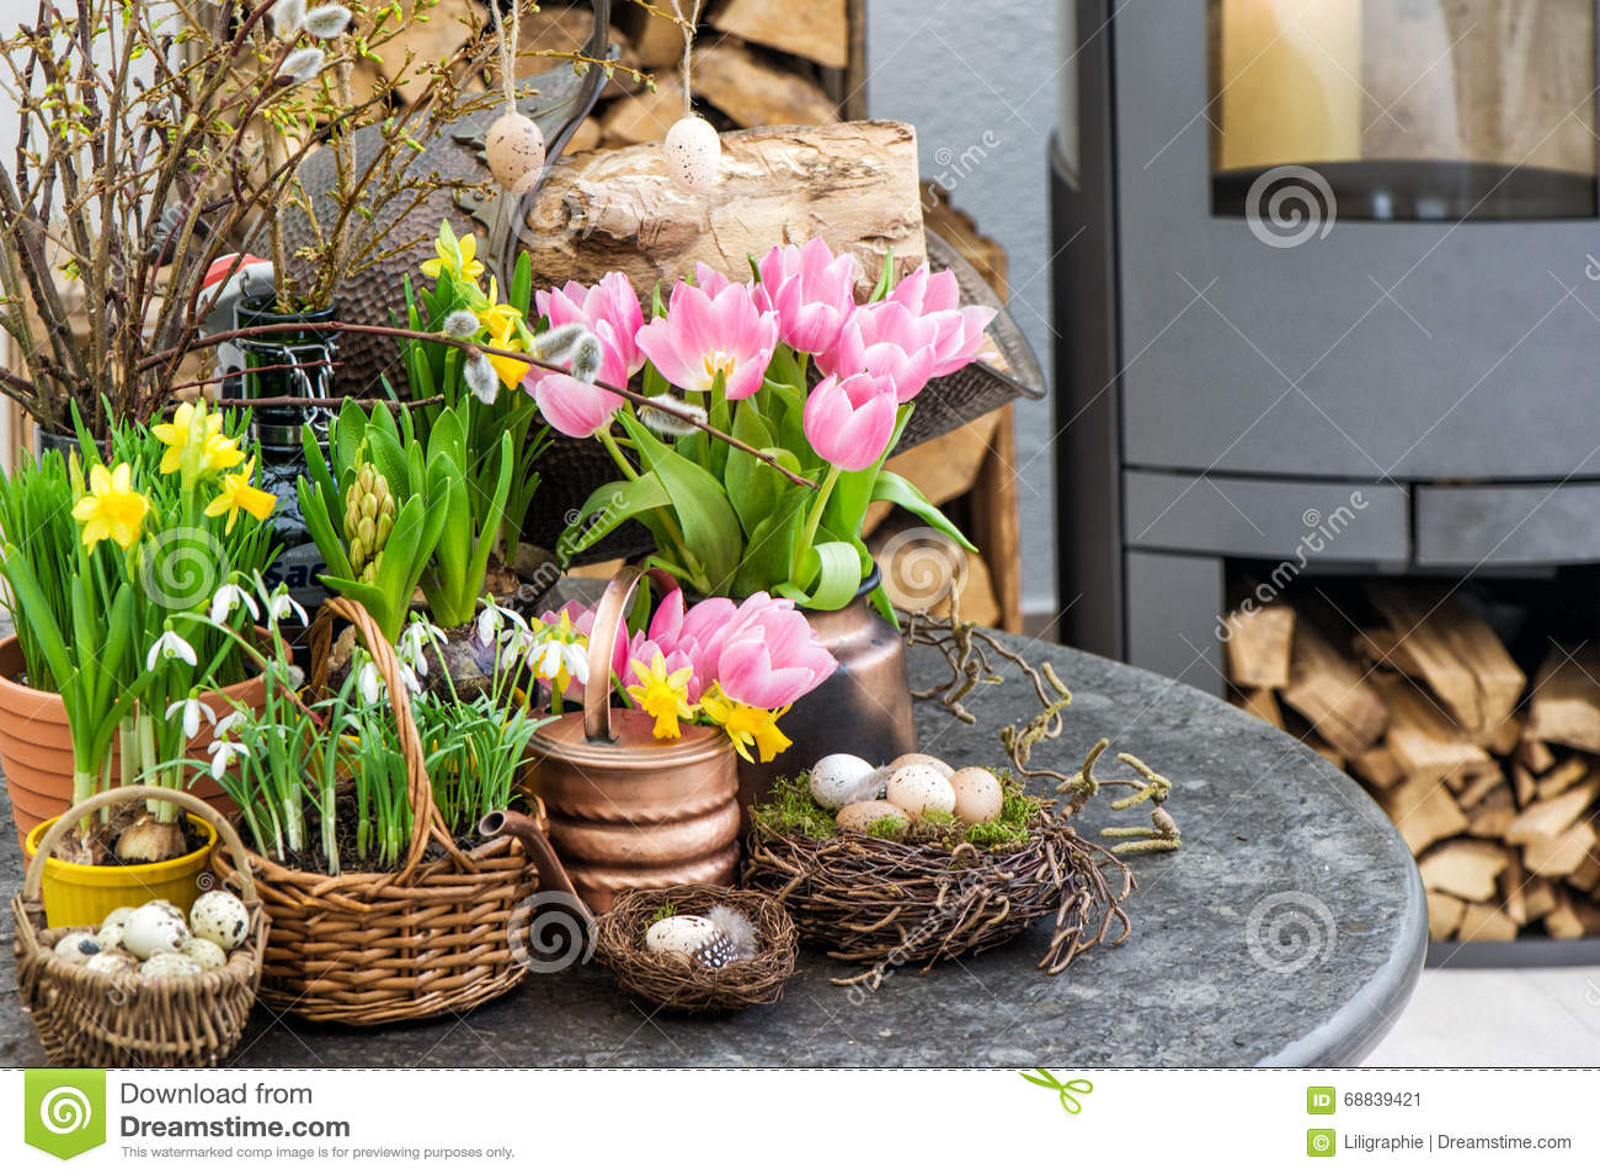 Ostern dekoration bl ht eier tulpen schneegl ckchen for Ostern dekoration